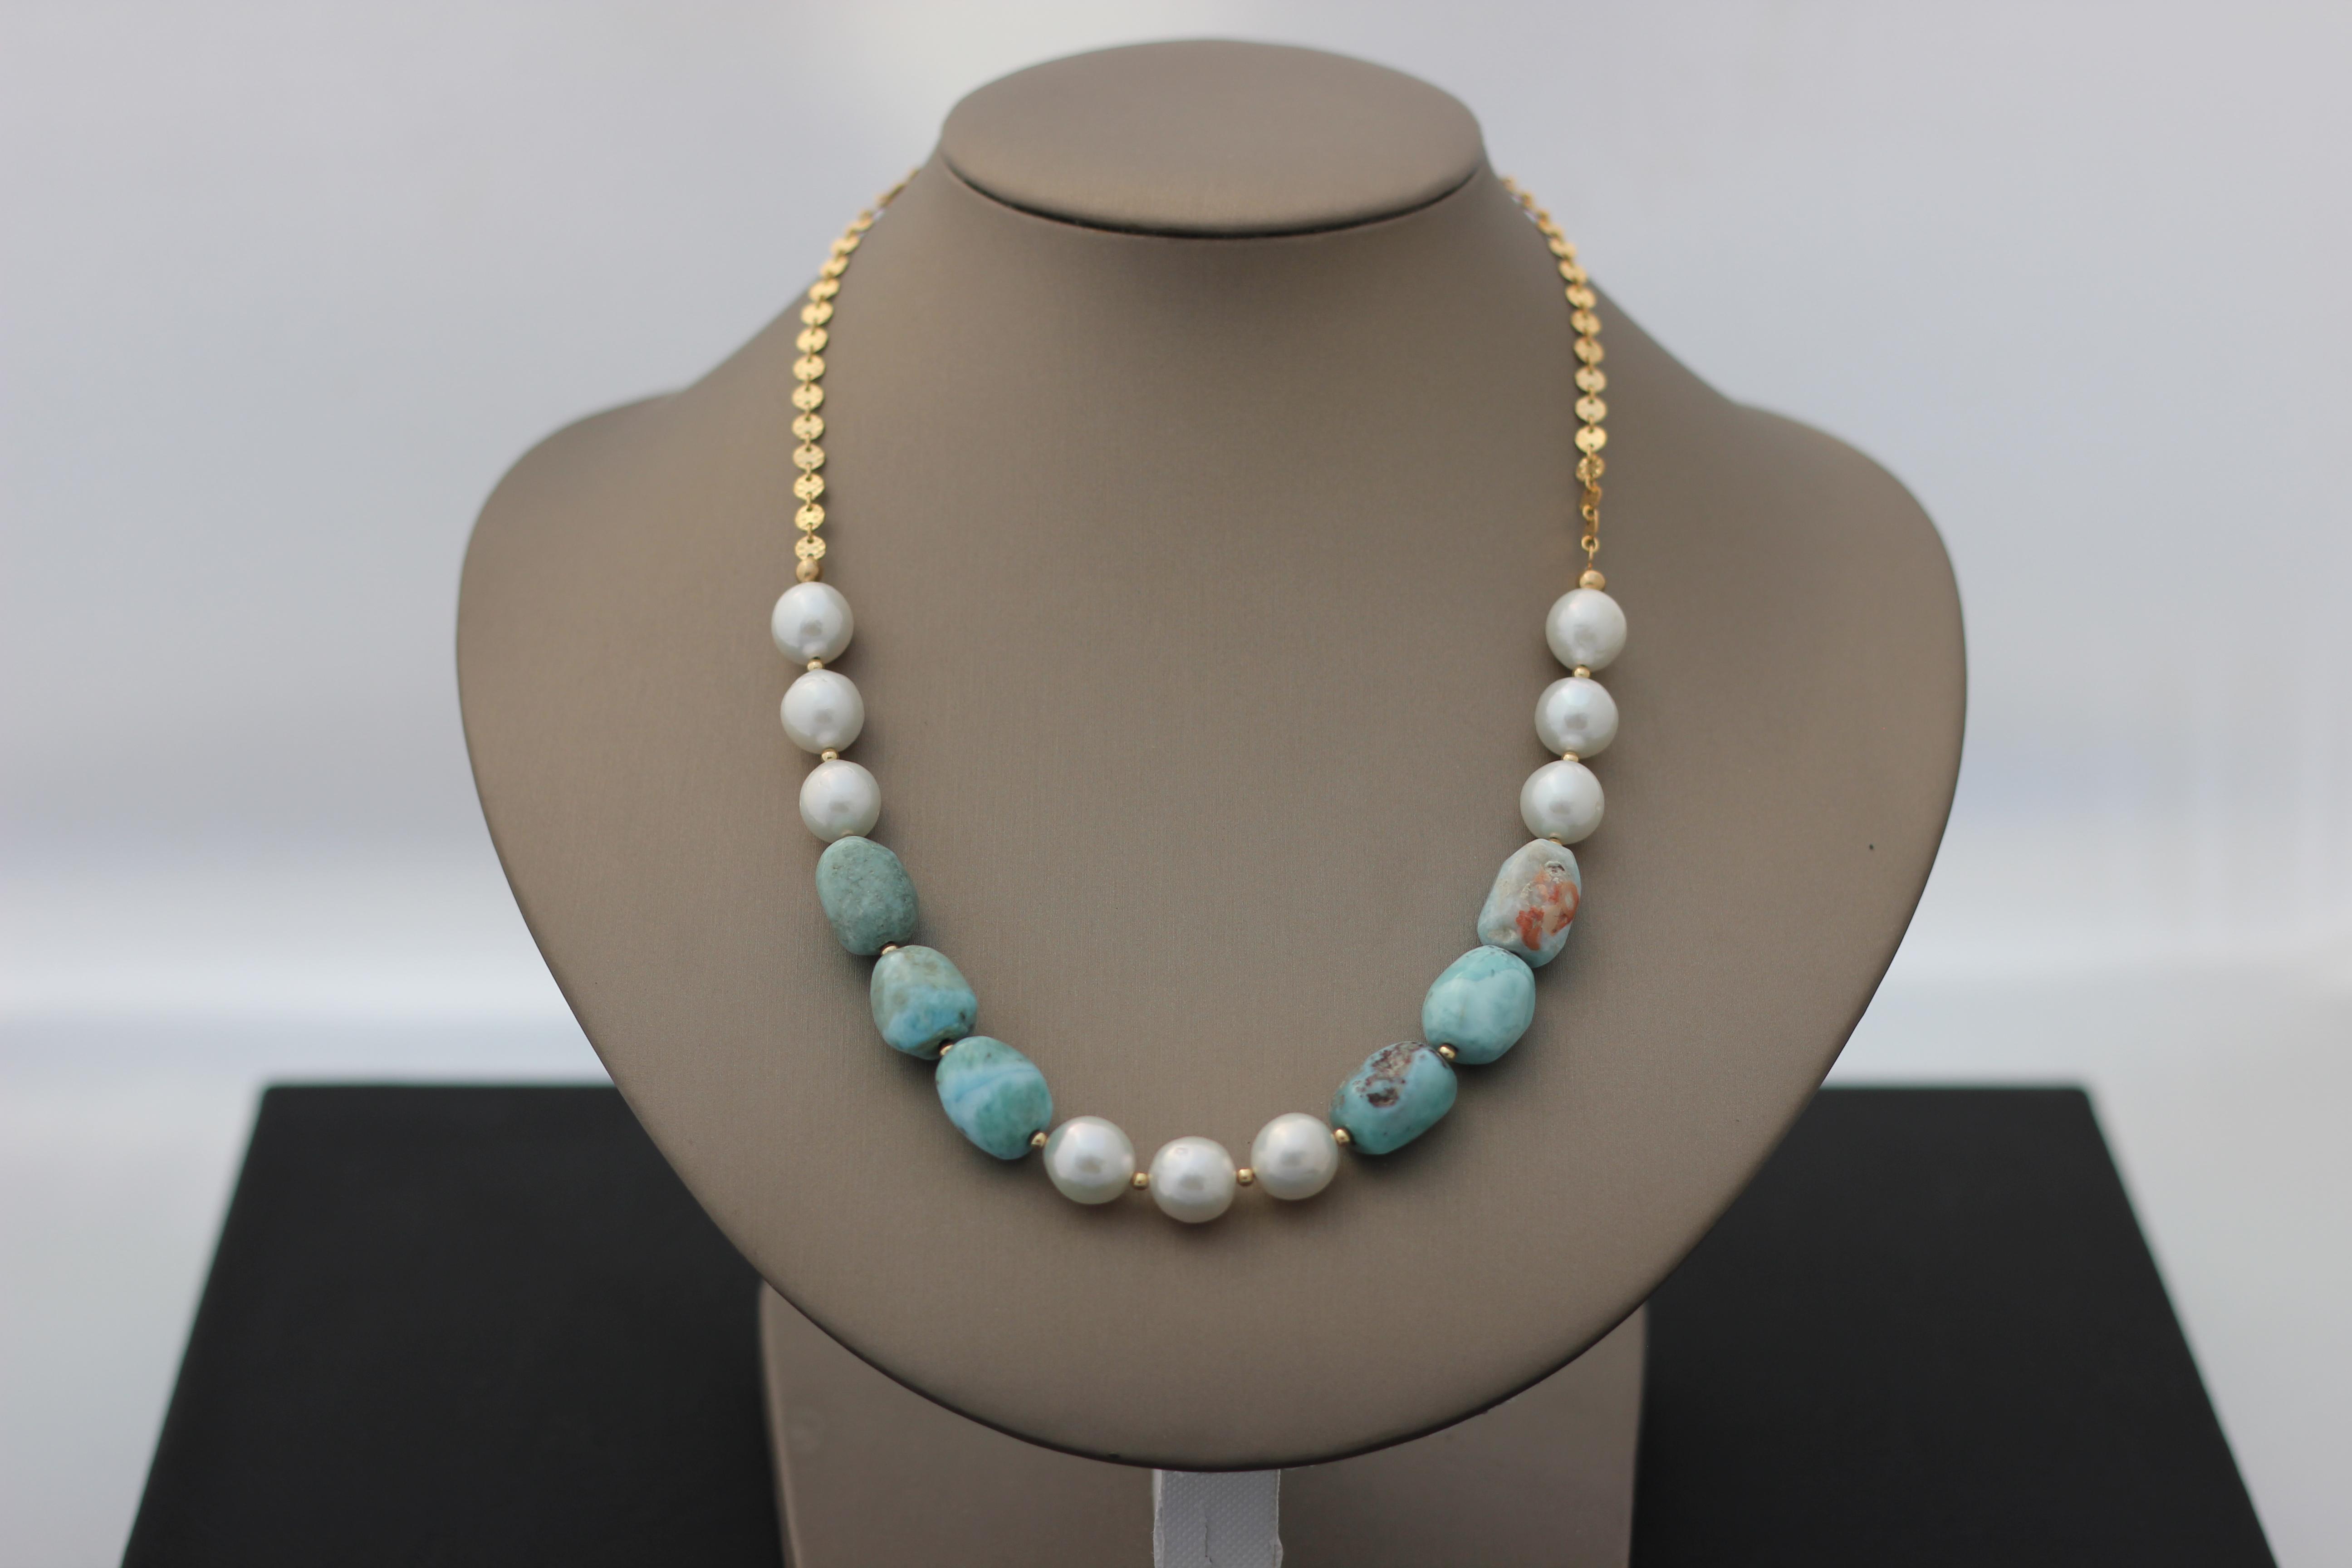 4. Pearl, Larimar | $242